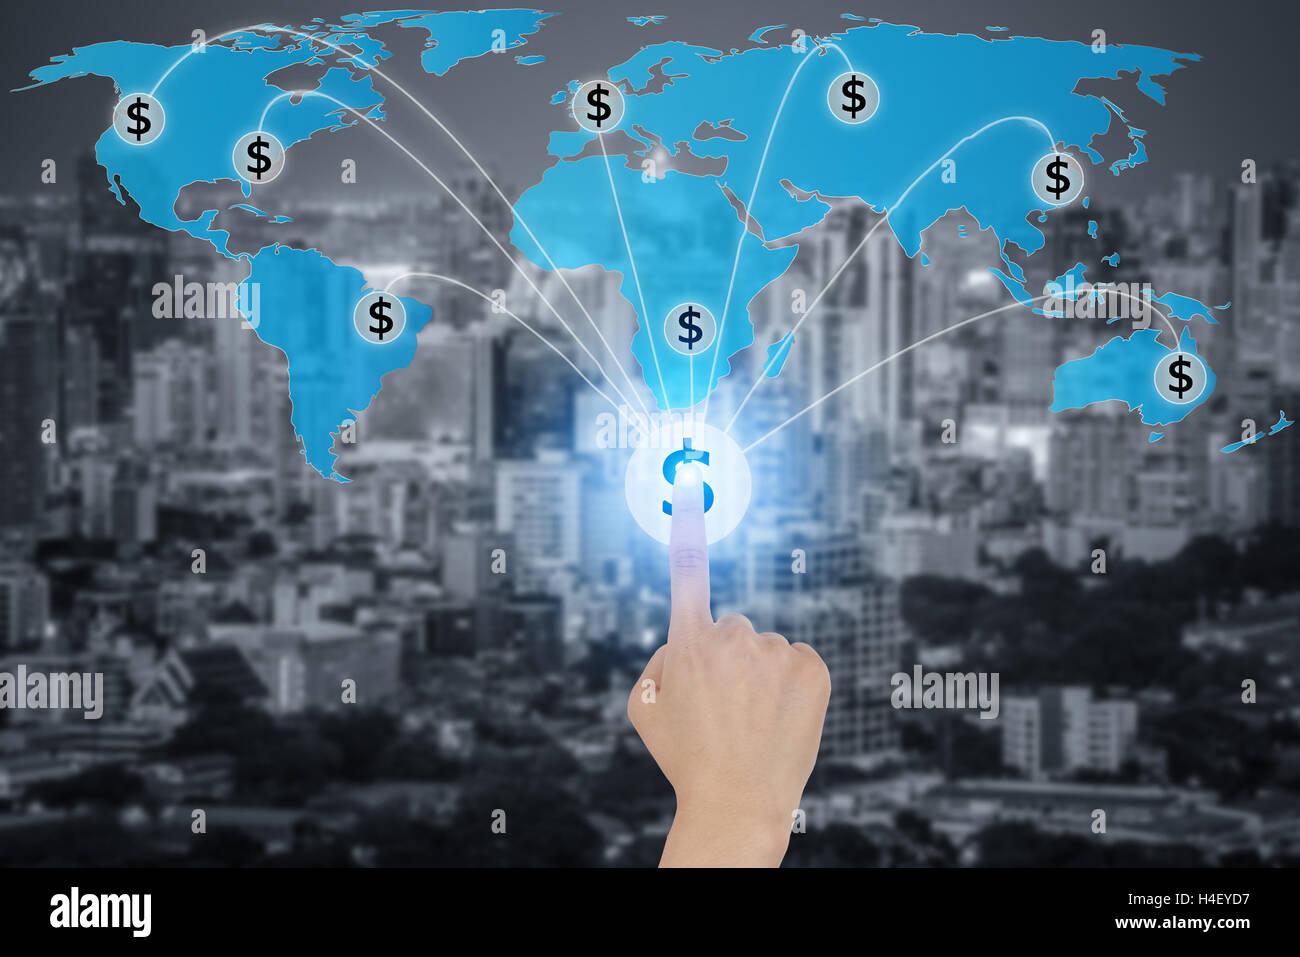 Toccare il pulsante con il dollaro simboli di valuta collegati in rete, concetto circa la finanza globale della Immagini Stock